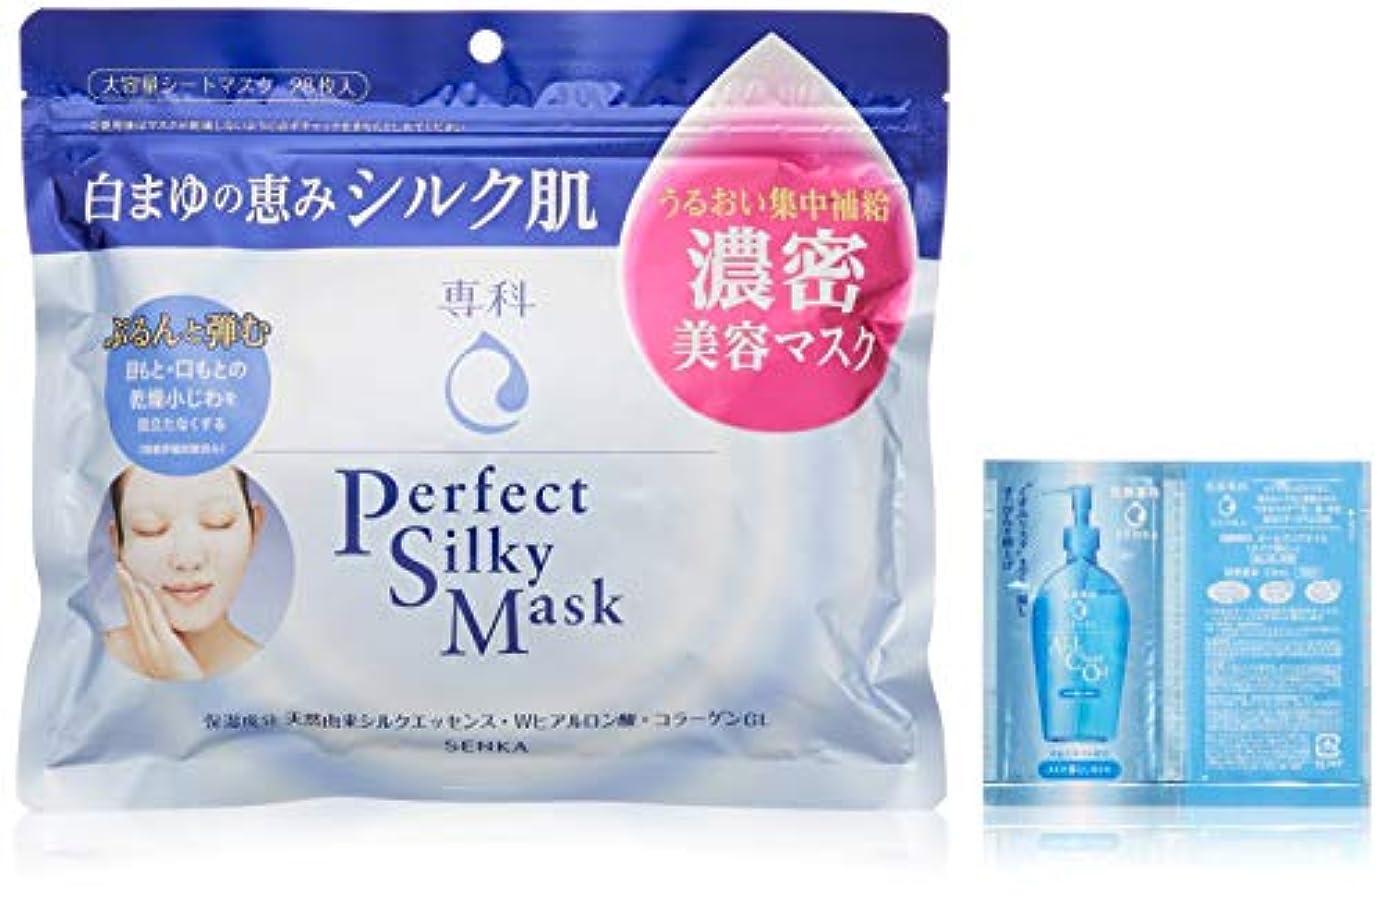 お願いしますフロントスナック【Amazon.co.jp 限定】専科 パーフェクトシルキーマスク シート状 美容マスク 28枚 おまけ付きセット